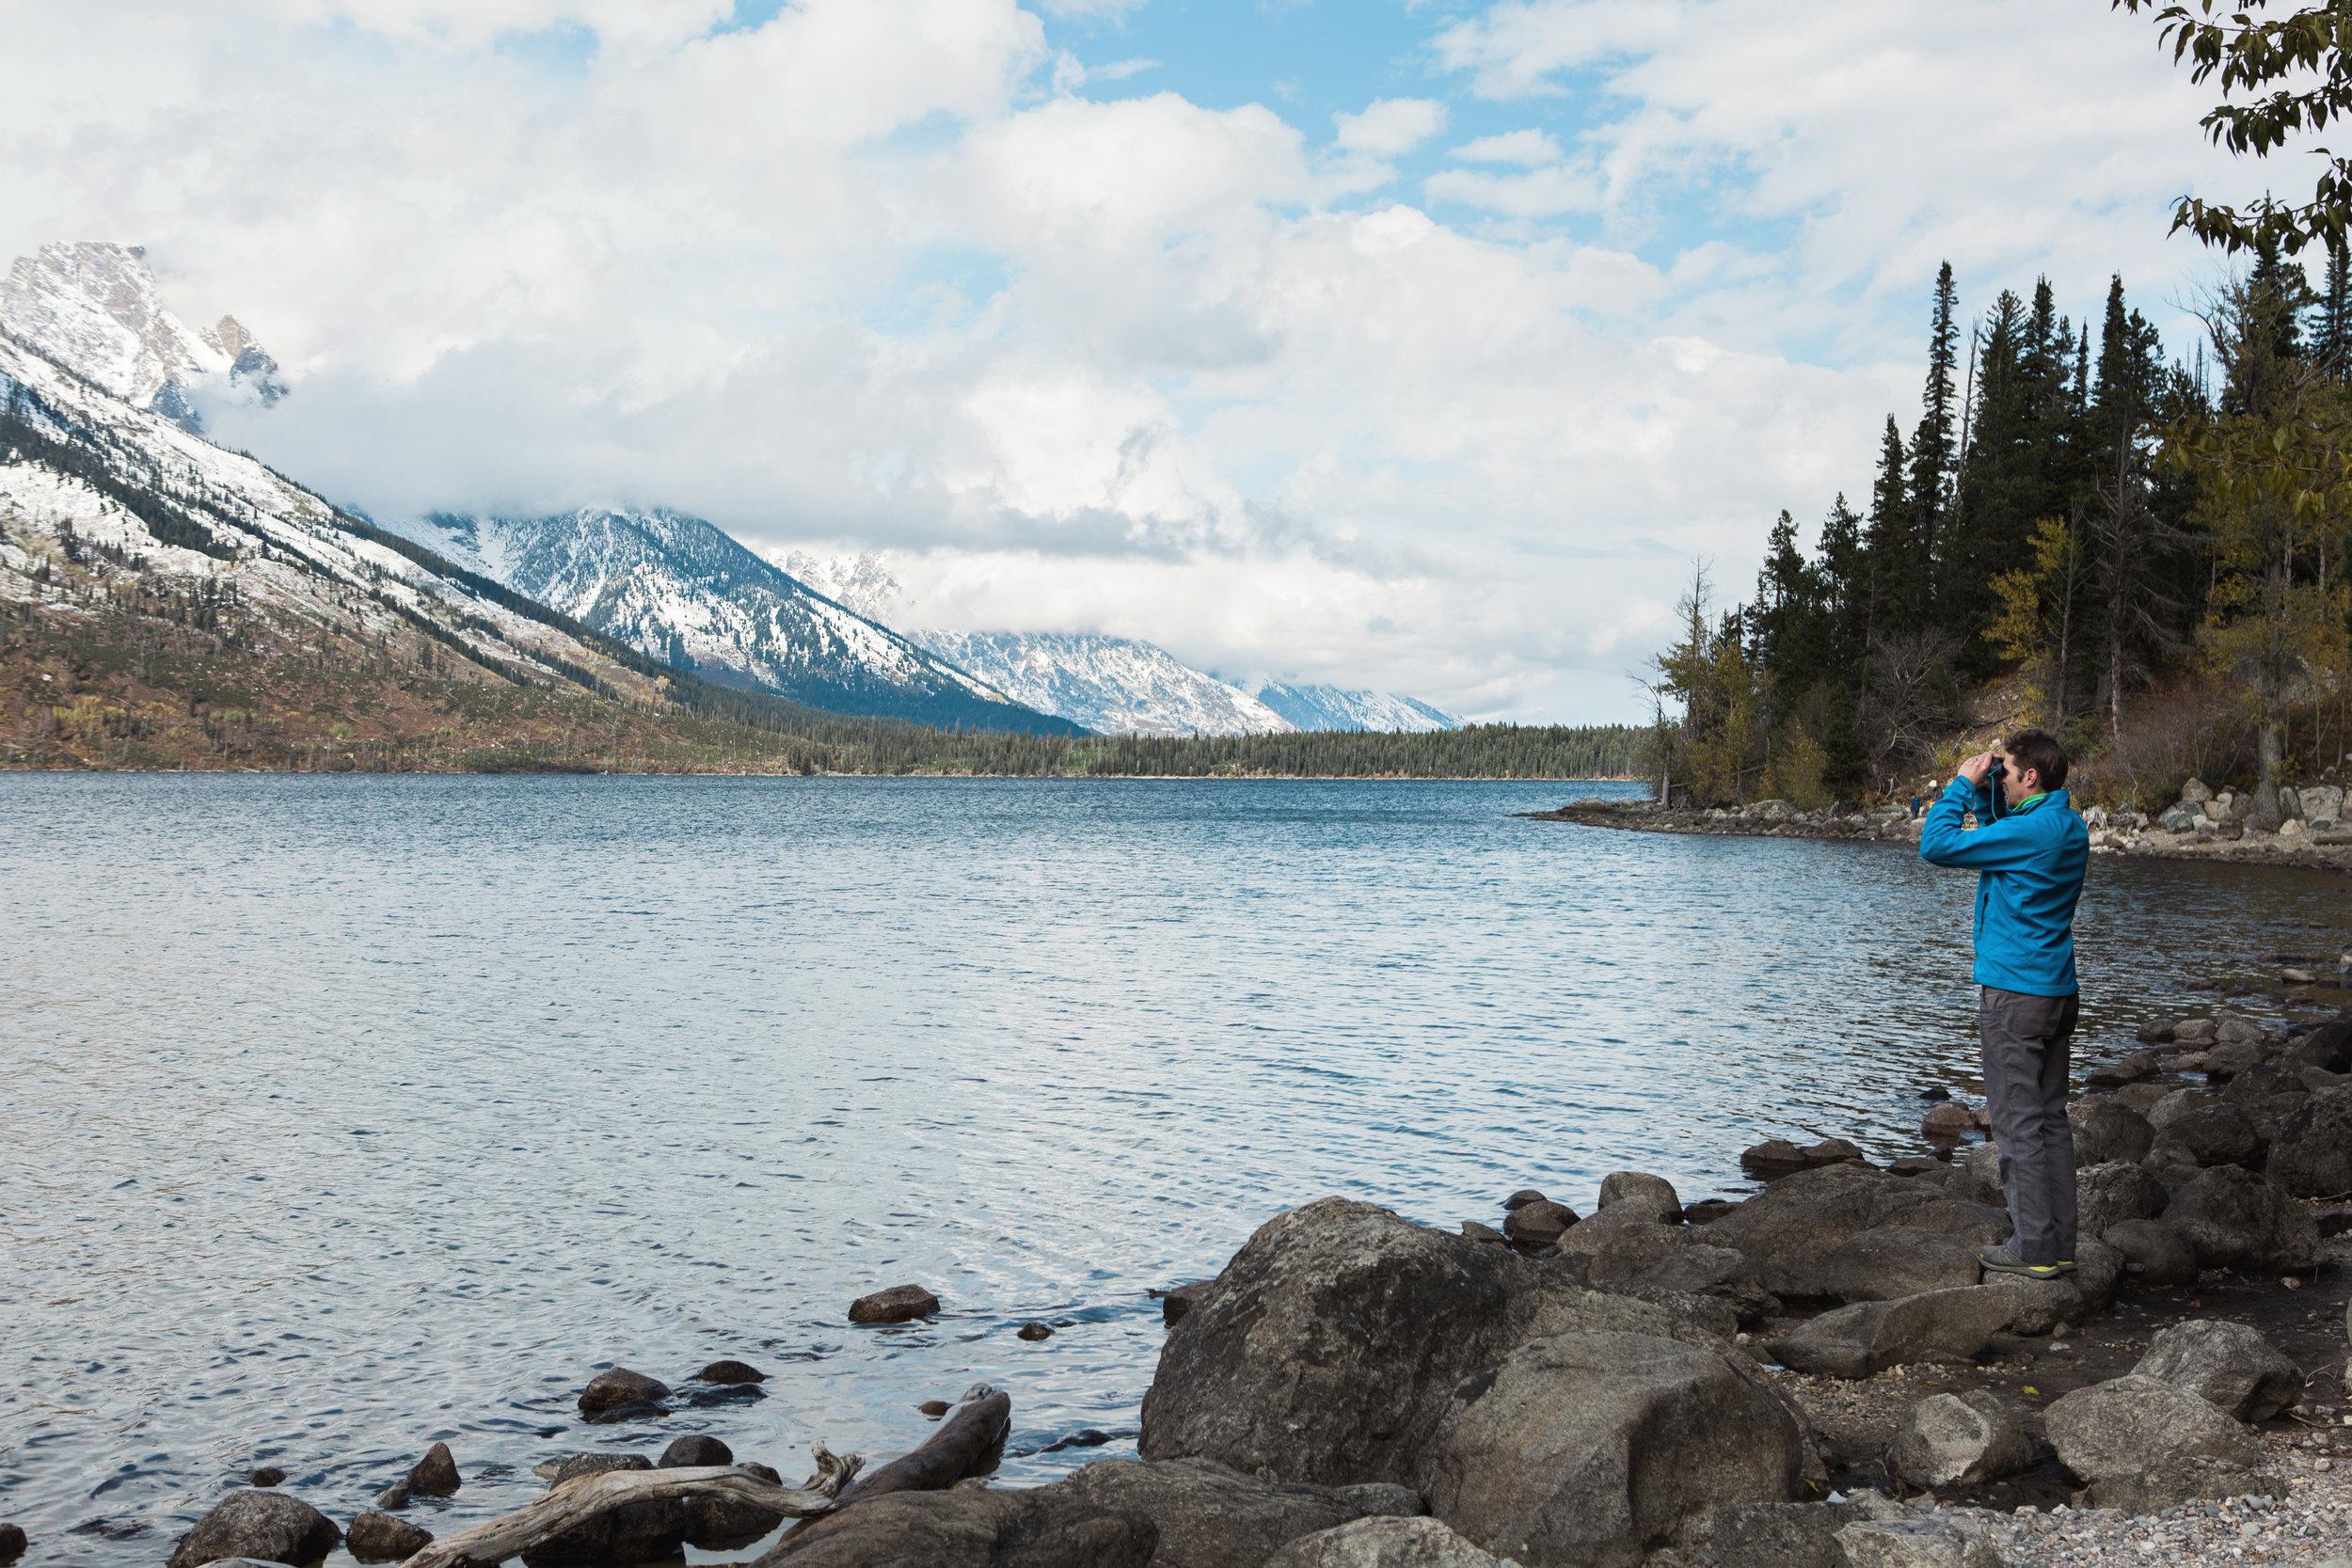 CindyGiovagnoli_Grand_Teton_National_Park_mountains_Bison_Autumn_Wyoming_Mormon_Row_aspens_fall_outdoor_photographer-017.jpg